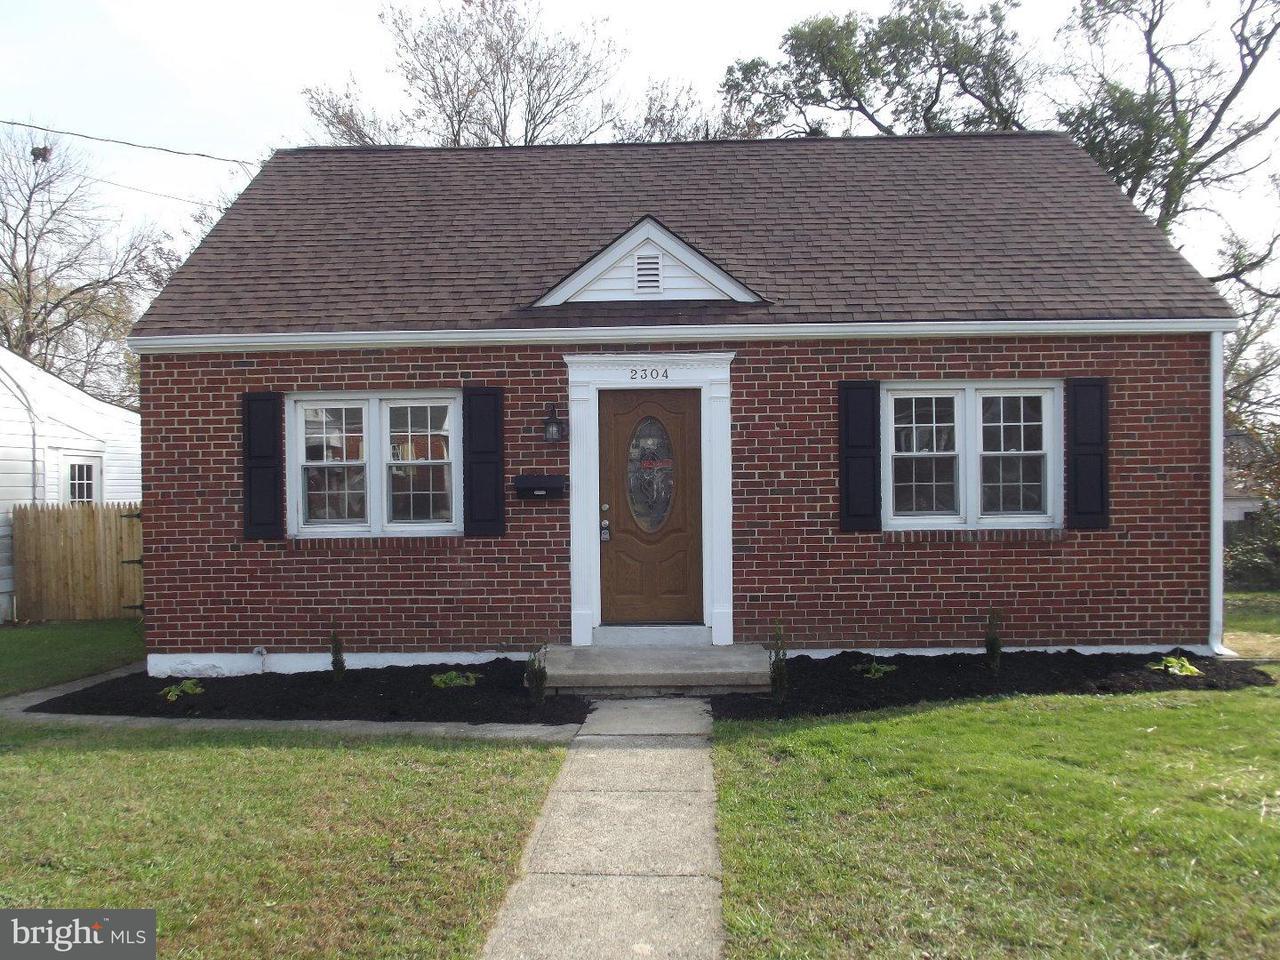 Maison unifamiliale pour l Vente à 2304 HENLOPEN Avenue Marshallton, Delaware 19804 États-Unis